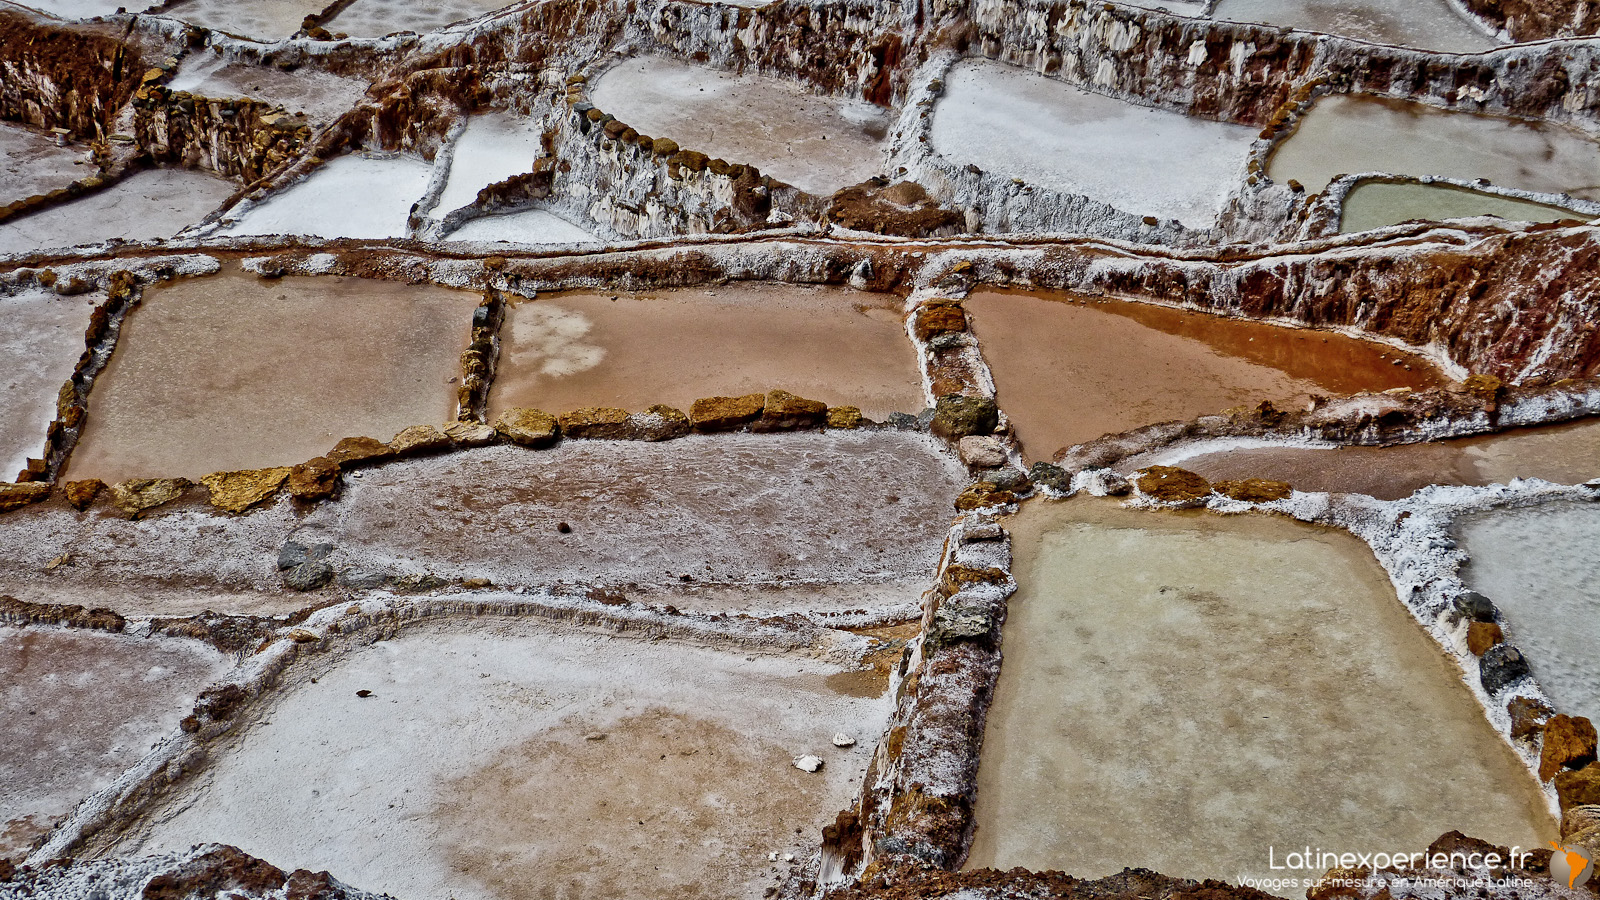 latinexperience voyages - Pérou -Trek - les salines de Maras